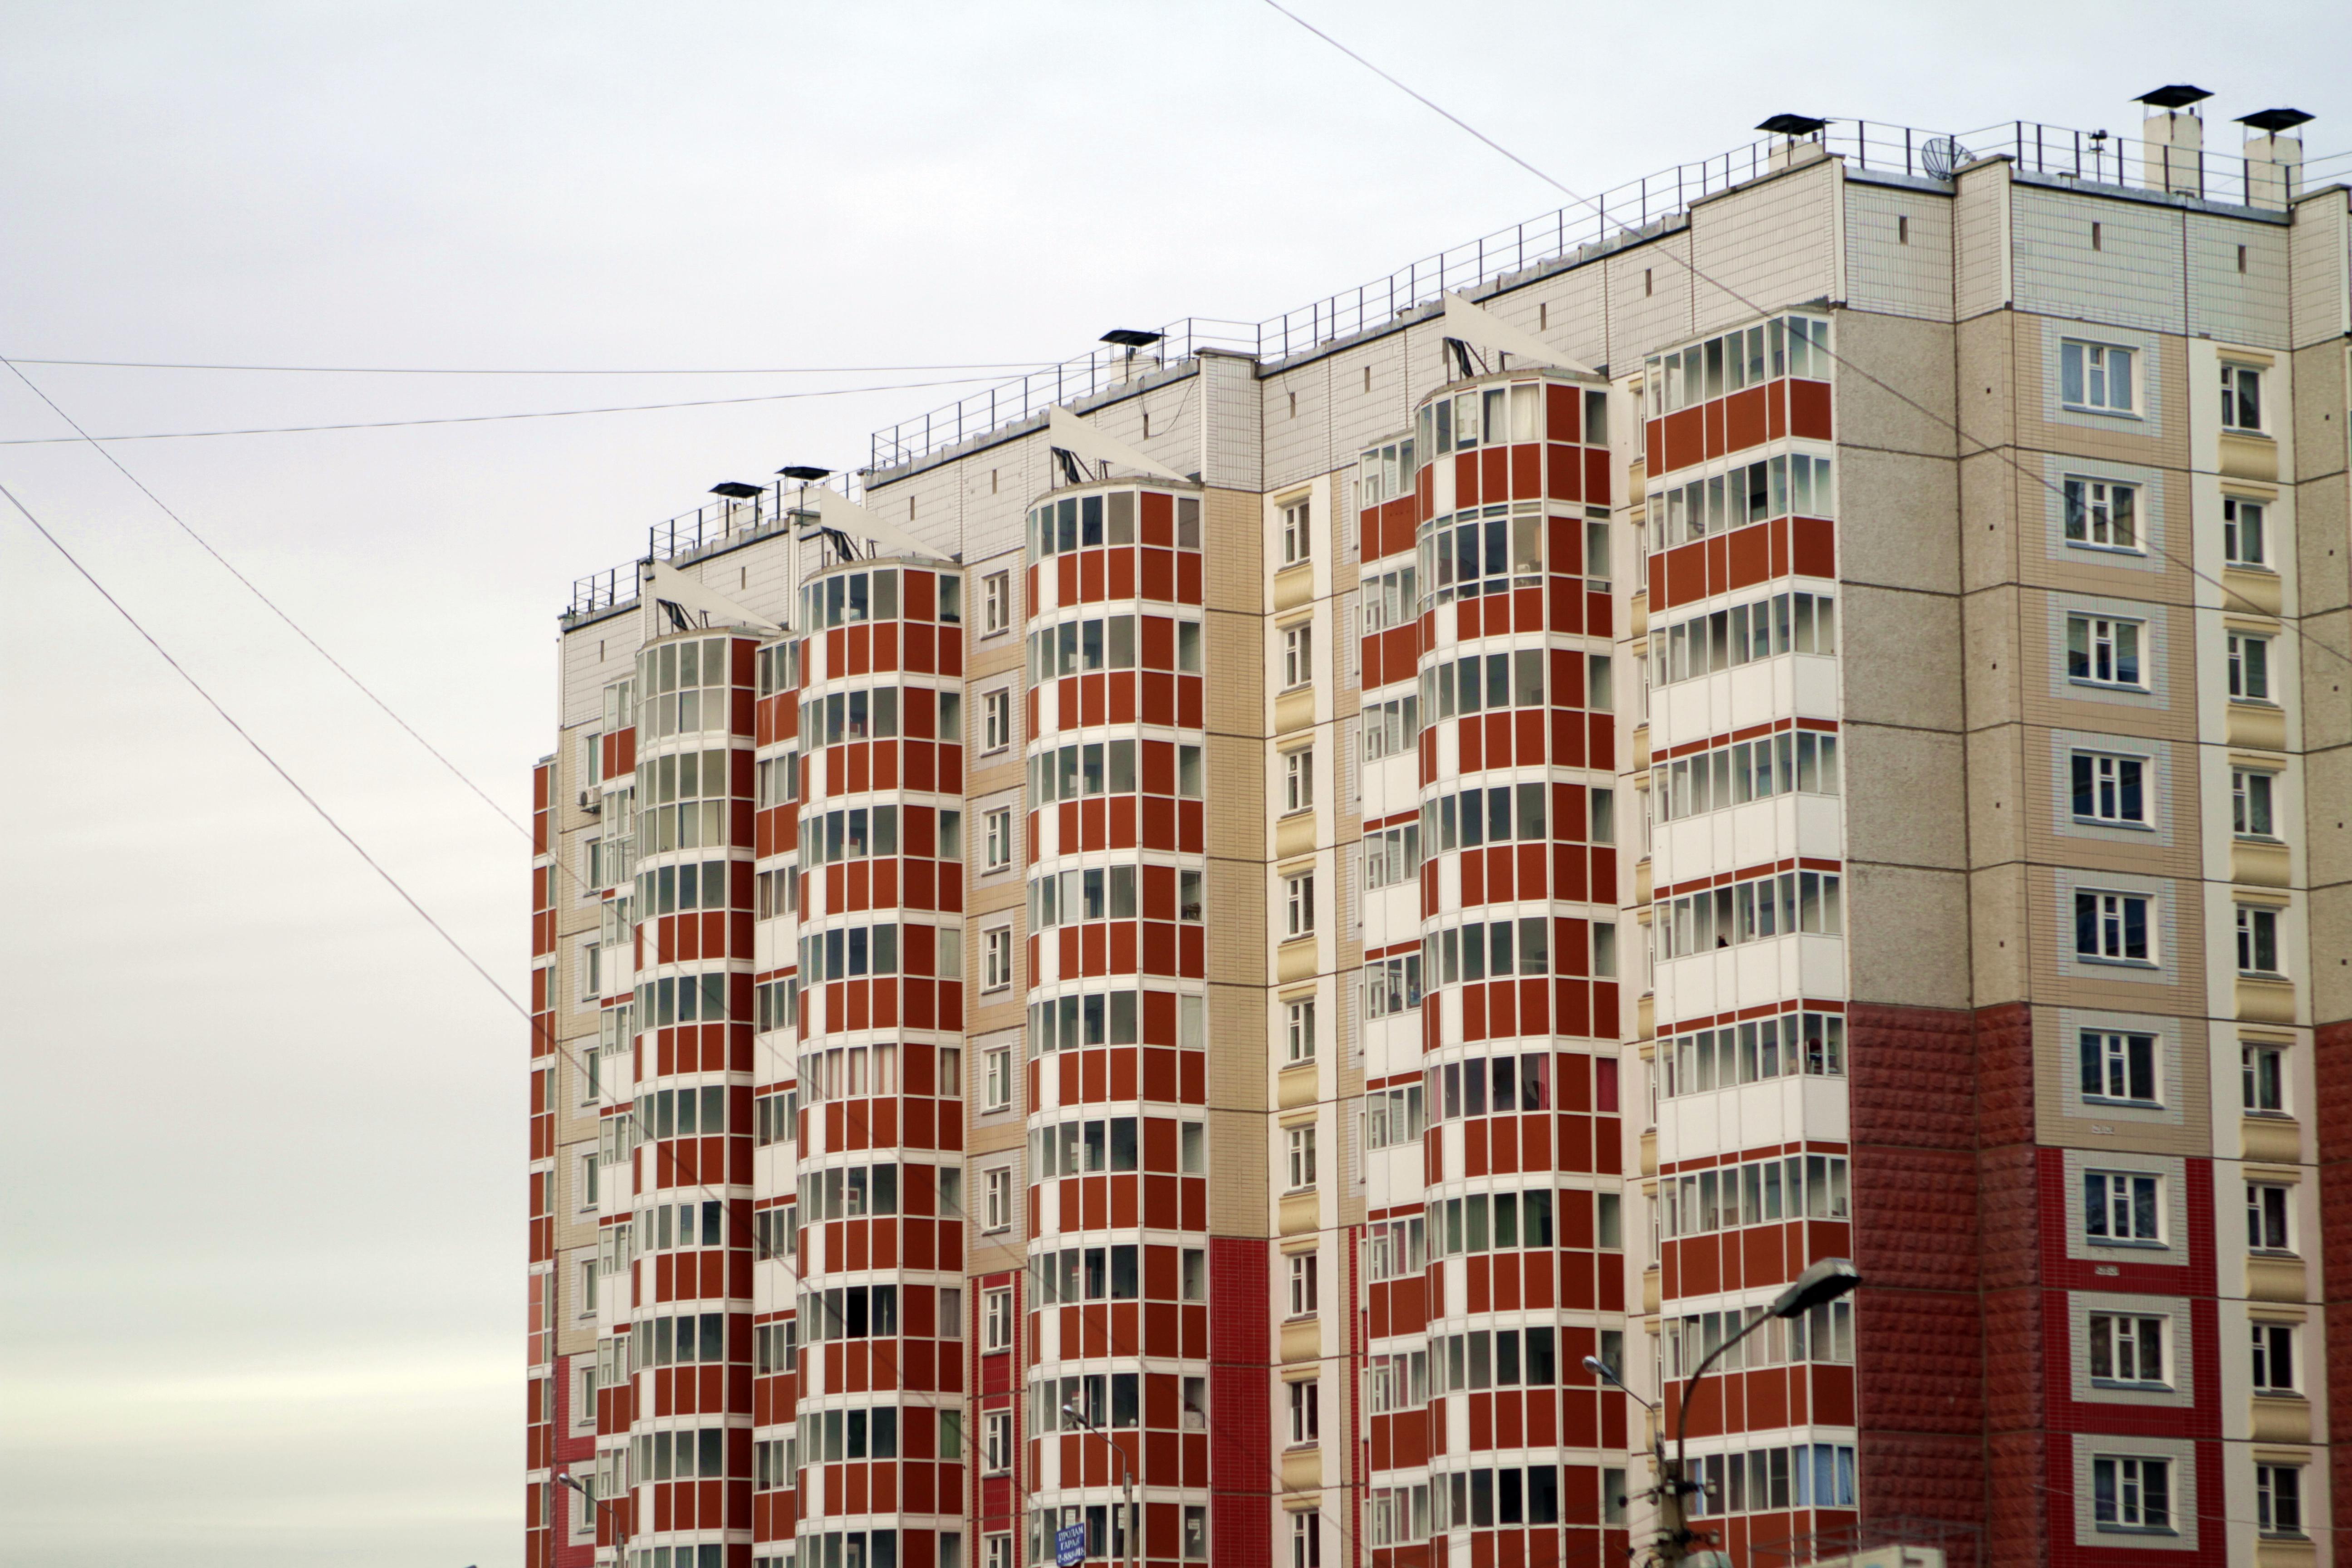 Ещё 300 обманутых дольщиков получат компенсацию или квартиру